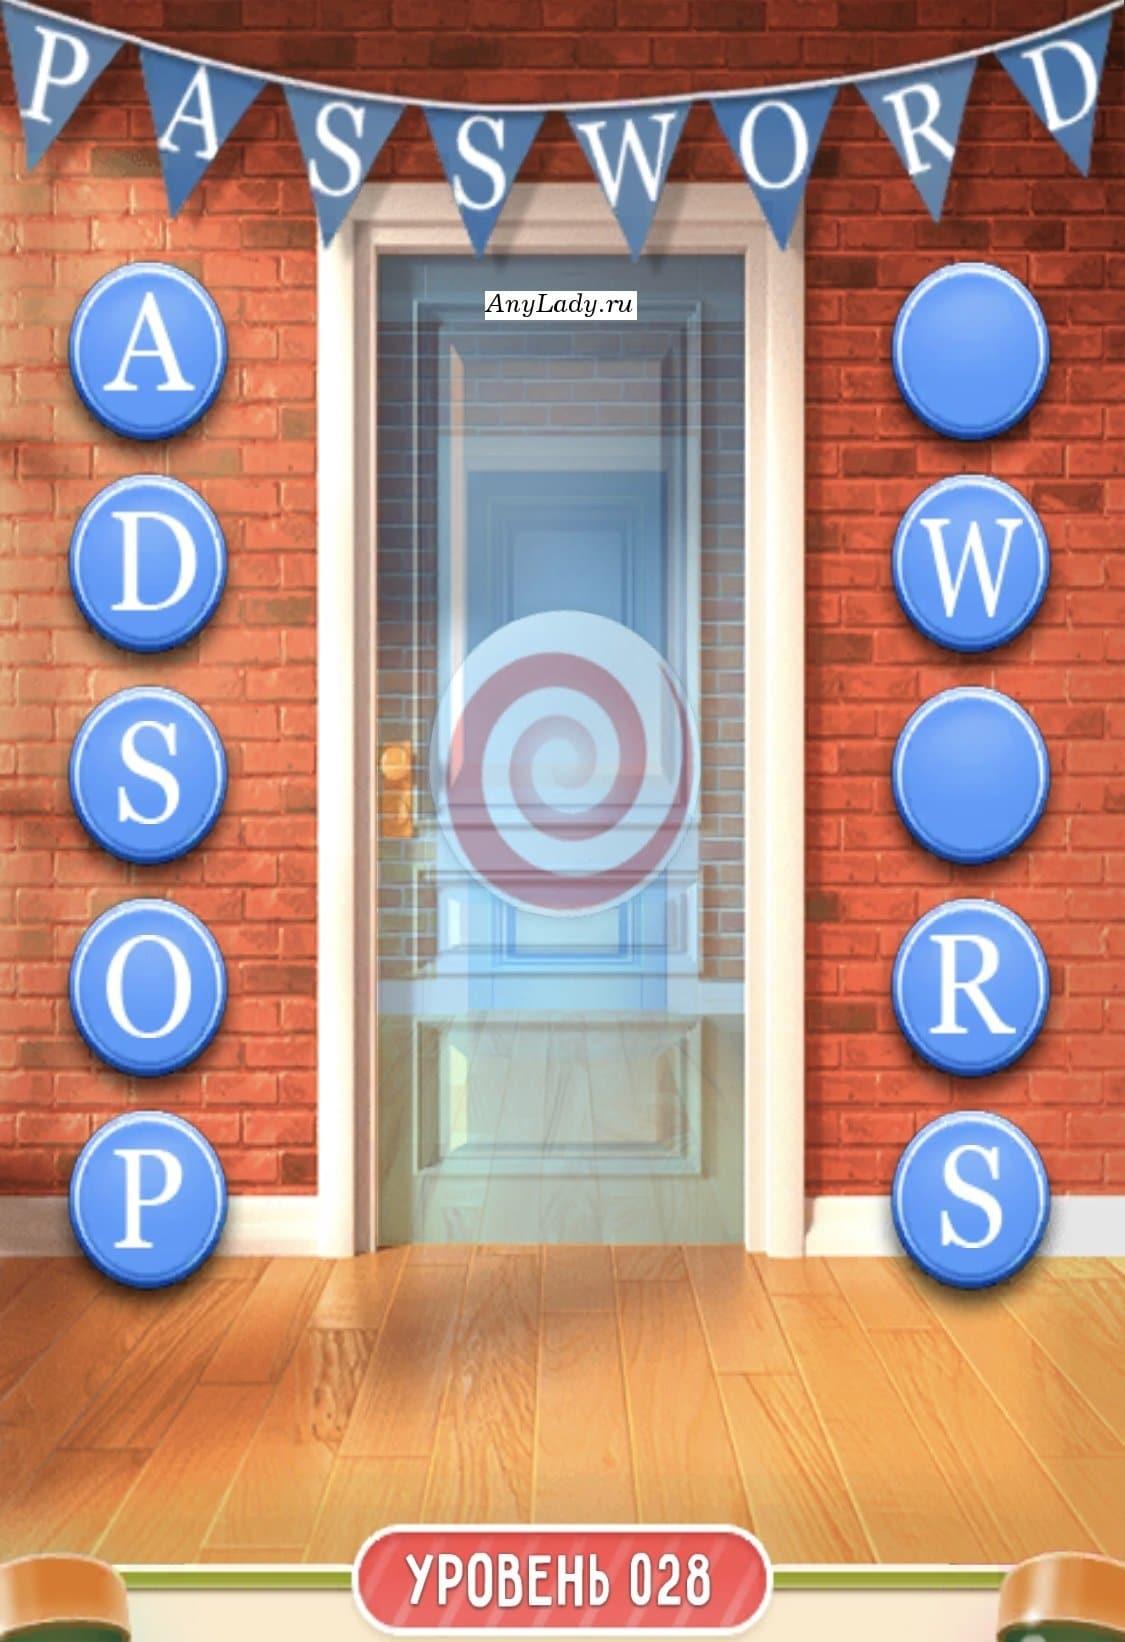 Отыщите буквы с плаката по нужному порядку. Задание будет завершенным, как только соберете слово. Ответ Вы увидите на картинке.